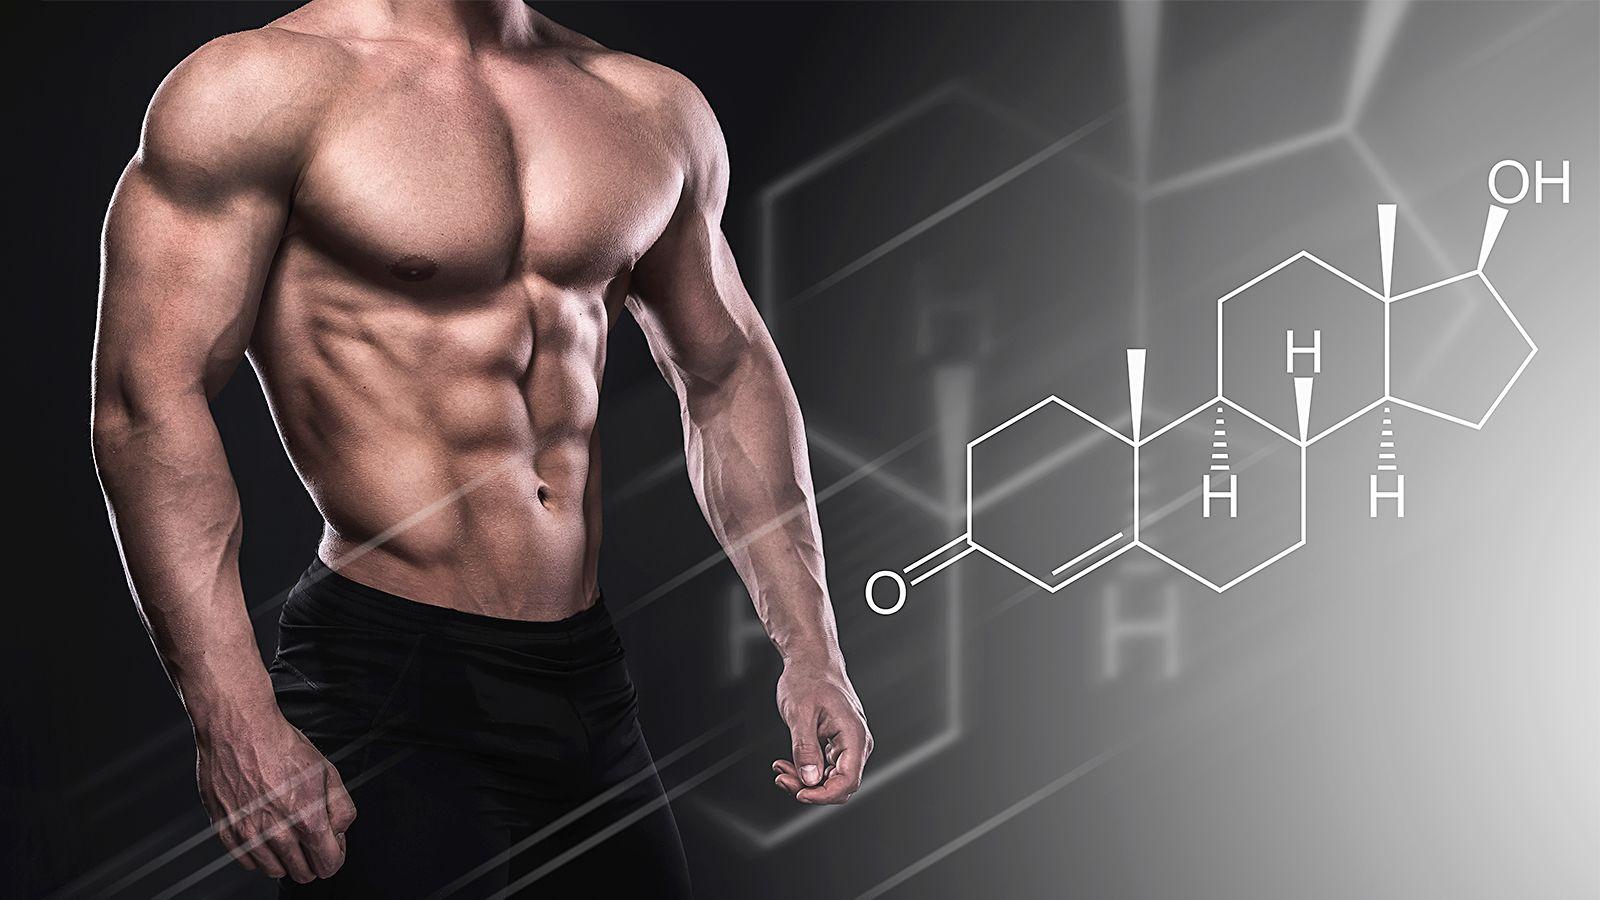 Как поднять тестостерон без допинга, диета при низком тестостероне,  упражнения, советы врача